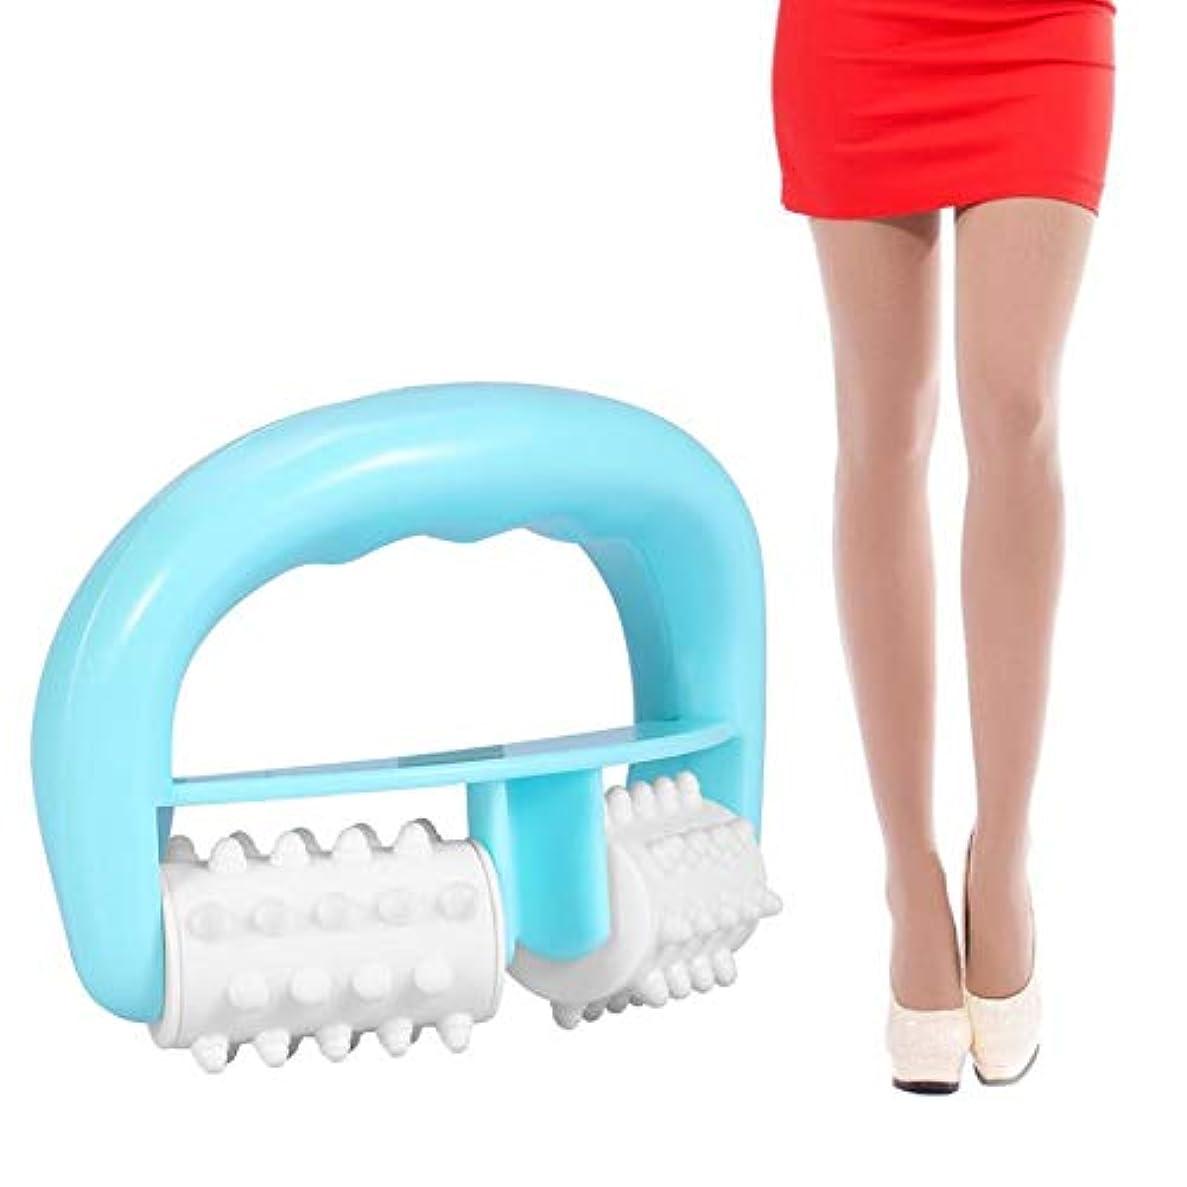 特異な愛情ジャーナルHandle Cell Roller Massager Mini Wheel Ball Slimming Body Leg Foot Hand Neck Fat Cellulite Control Pain Relief Roller Massage